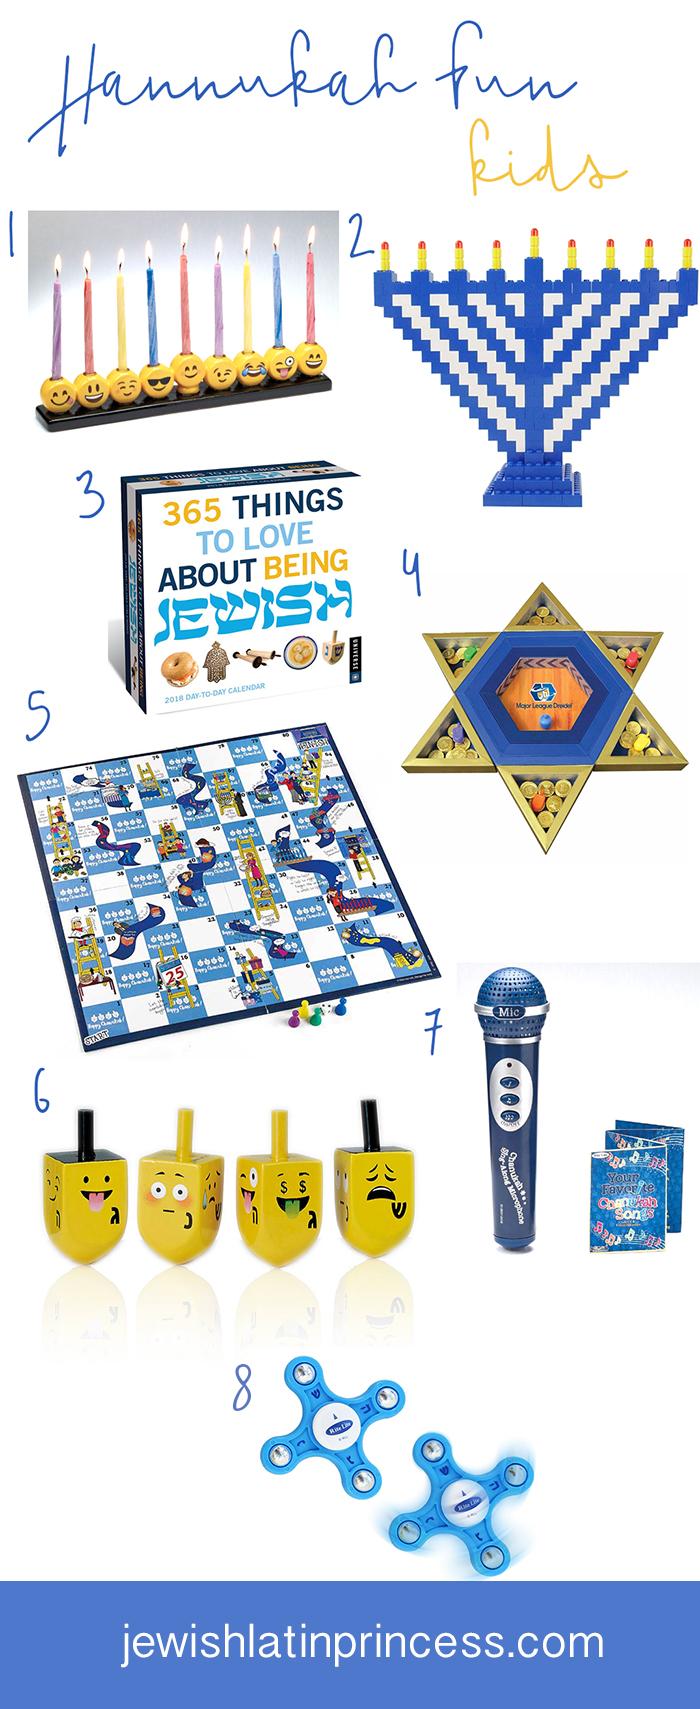 Hannukah Giftts for Kids